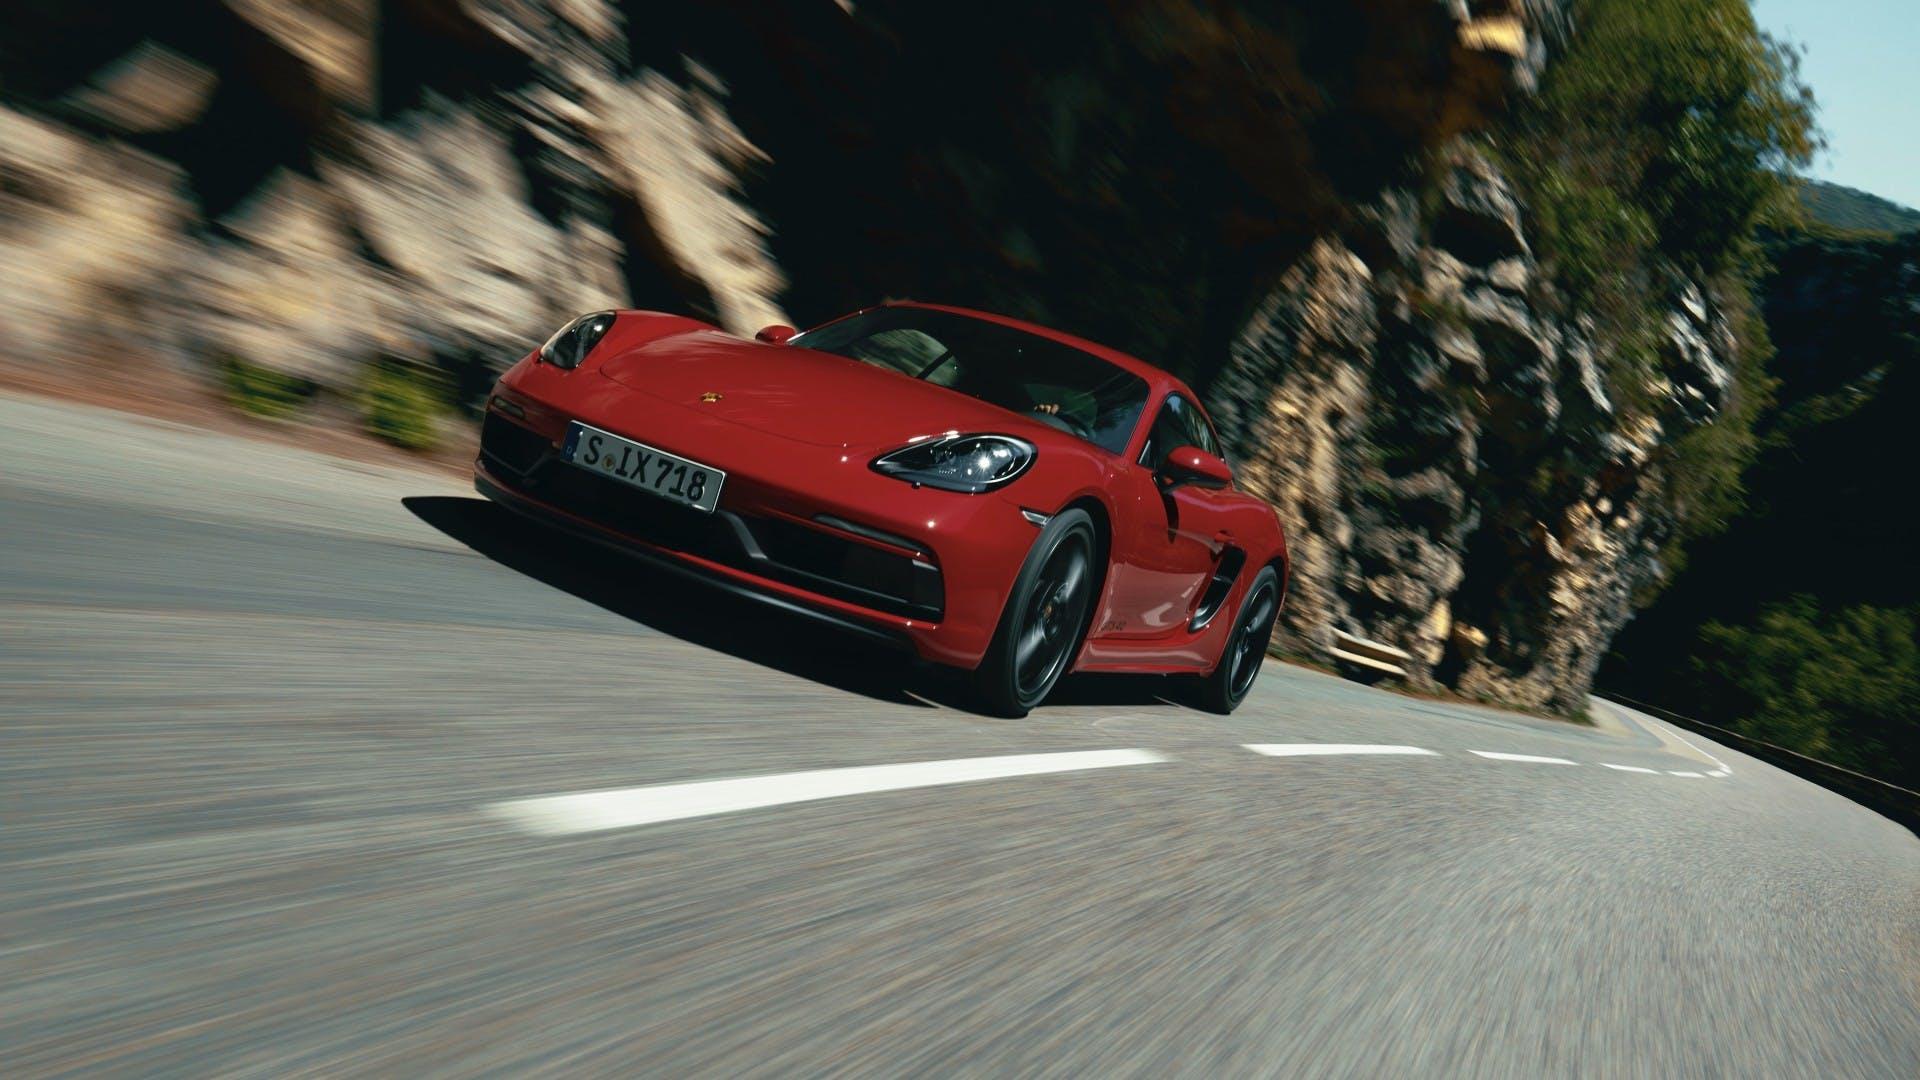 Porsche 710 gts 4.0 rossa, azione su strada di montagna